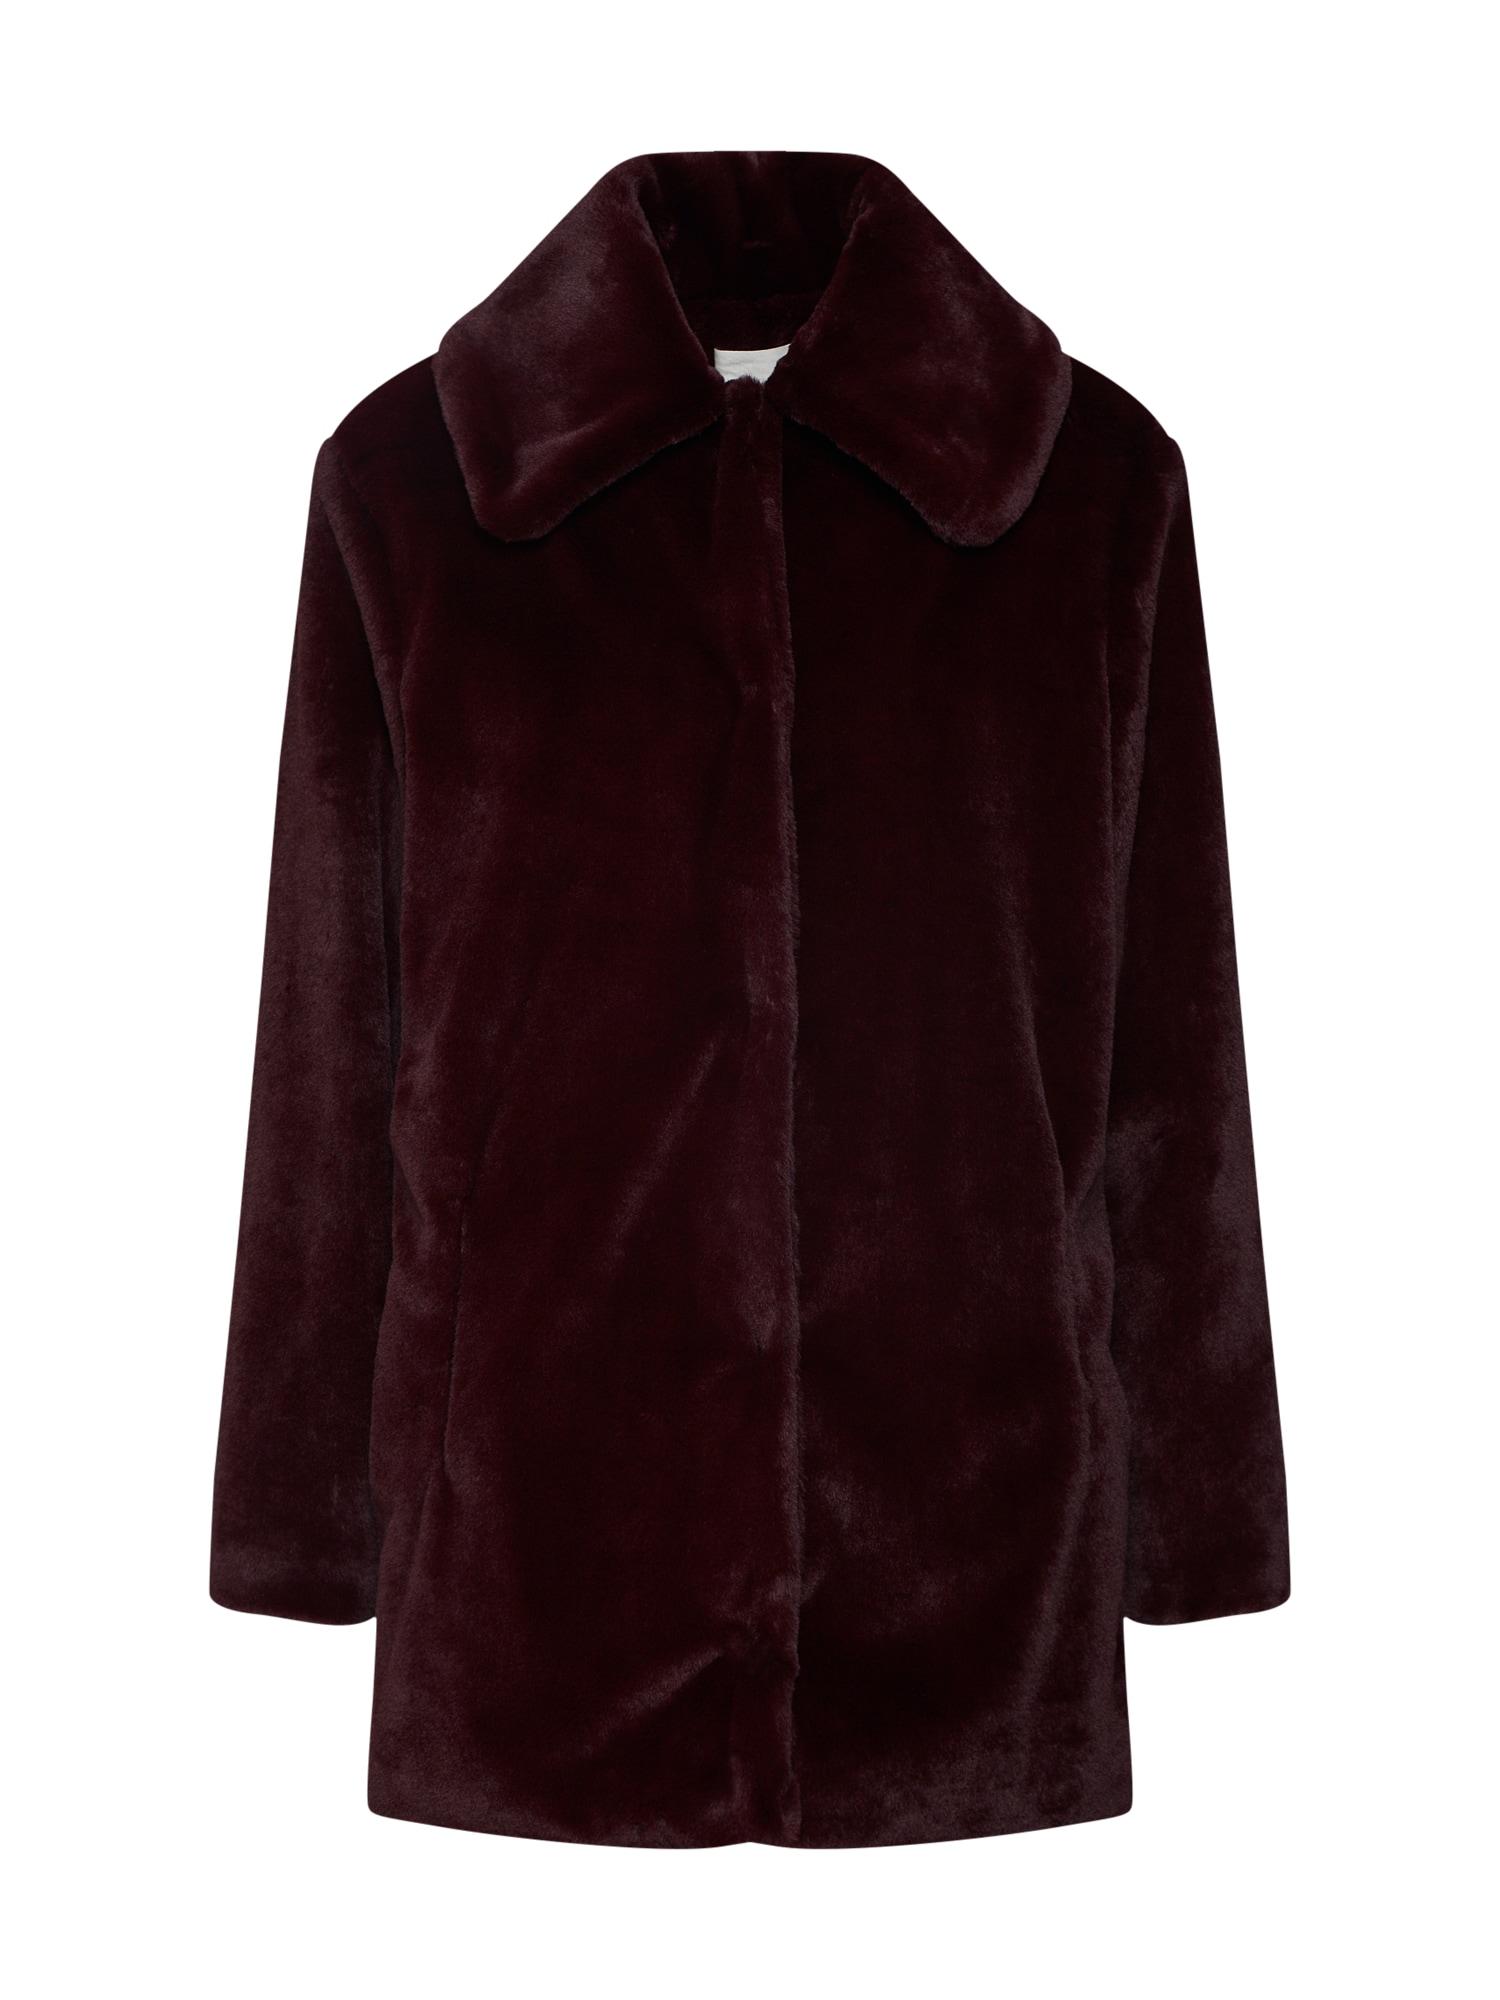 Levete Room Rudeninis-žieminis paltas 'CARLA 1' vyno raudona spalva